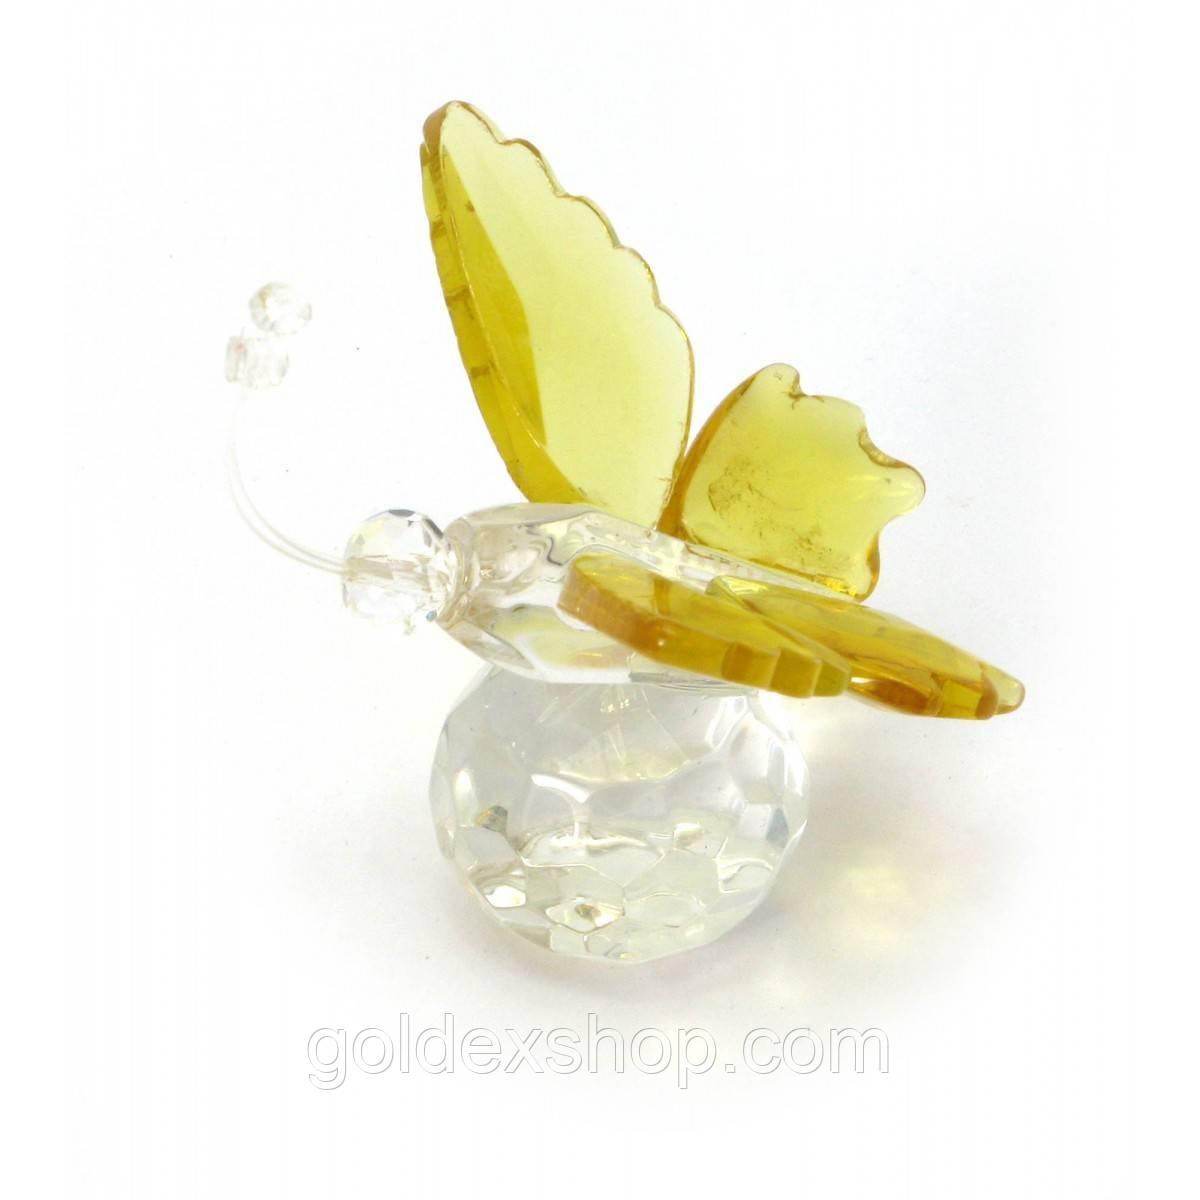 Бабочка на шаре желтая хрусталь